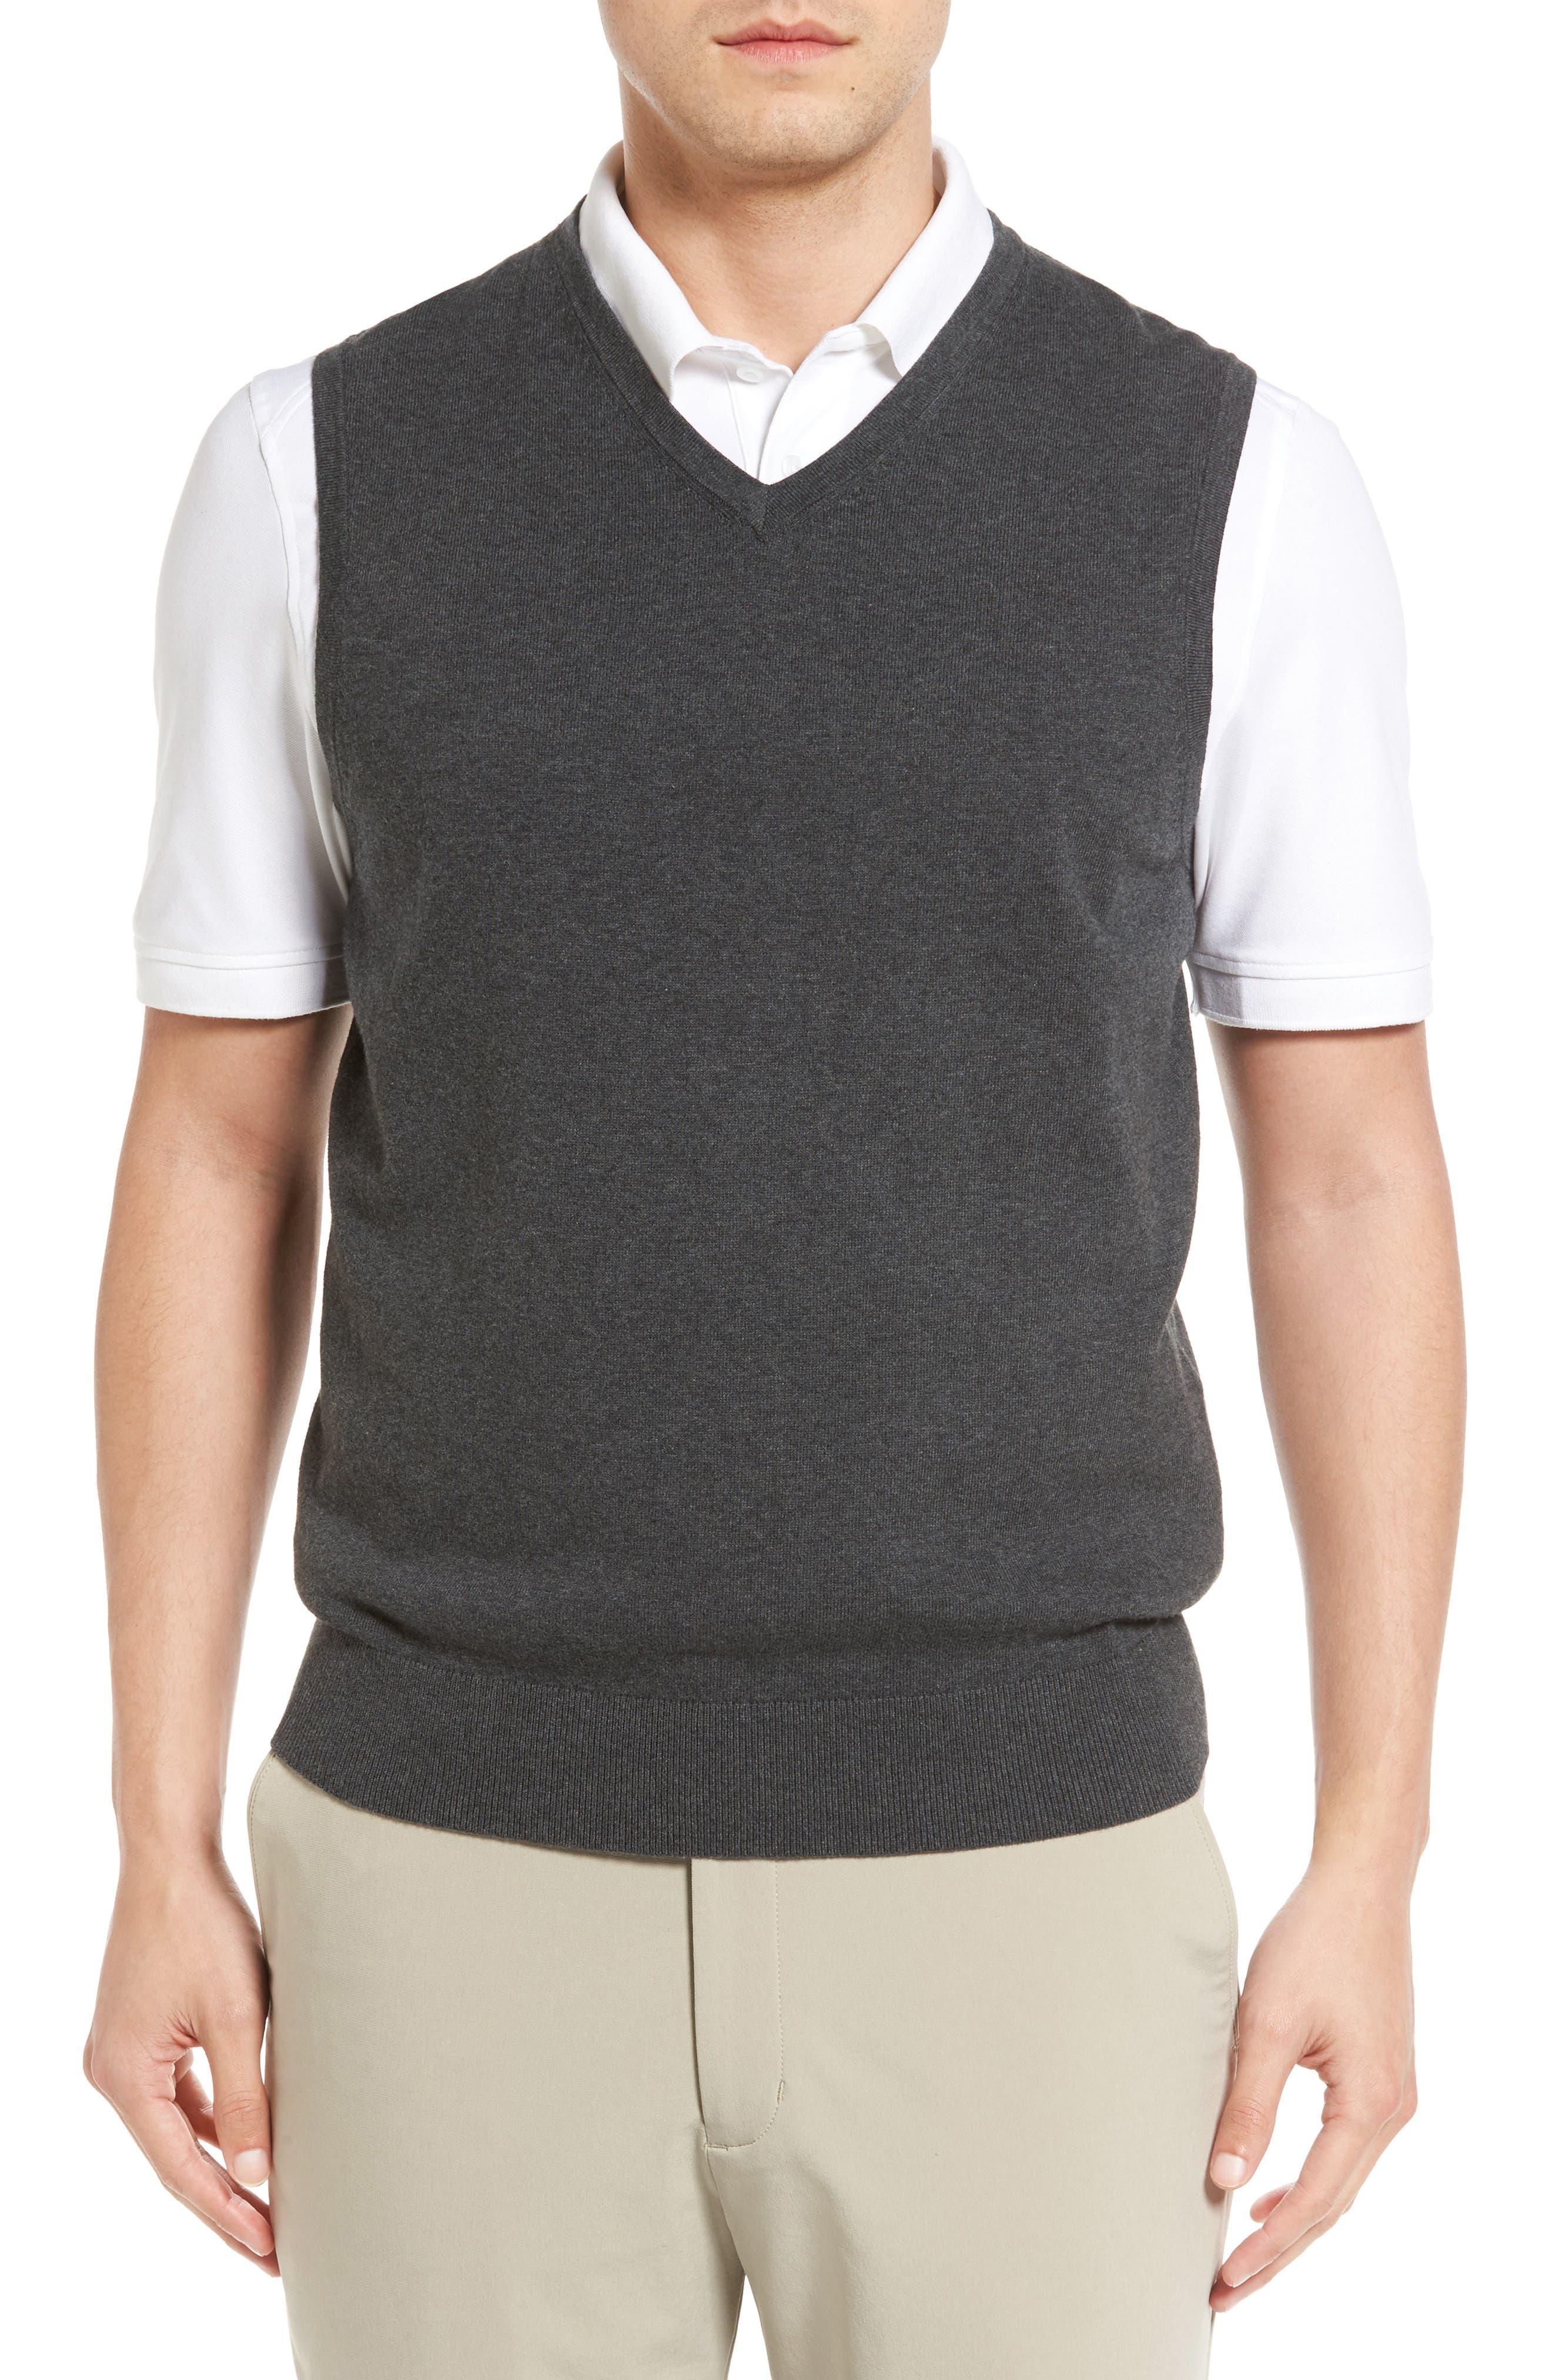 Cutter & Buck Lakemont V-Neck Sweater Vest, Grey